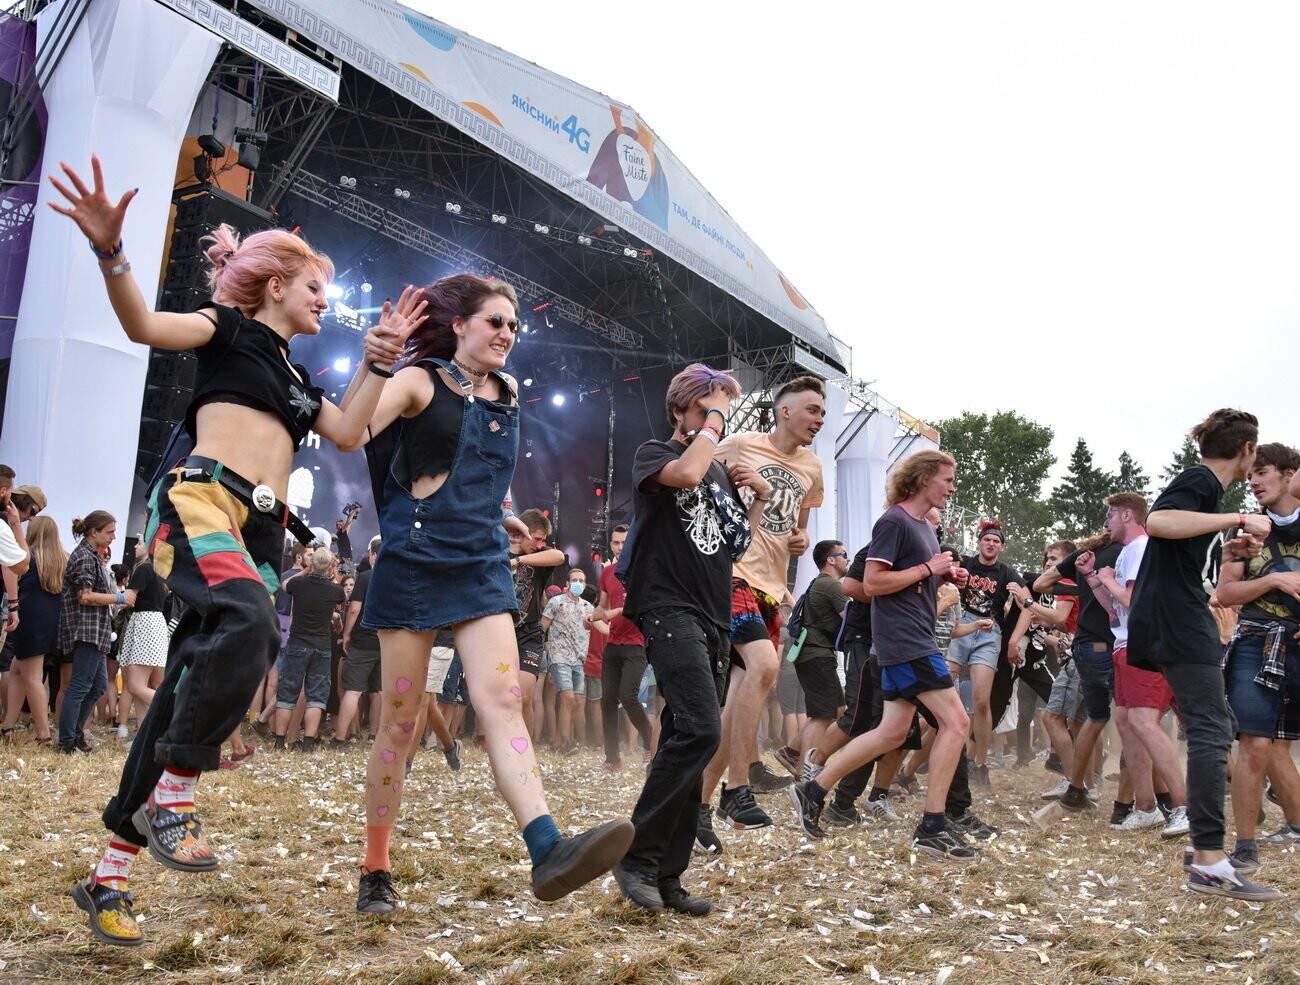 """Драйв і безтурботність: що робиться на фестивалі """"Файне місто"""" (масштабний фоторепортаж), фото-25"""